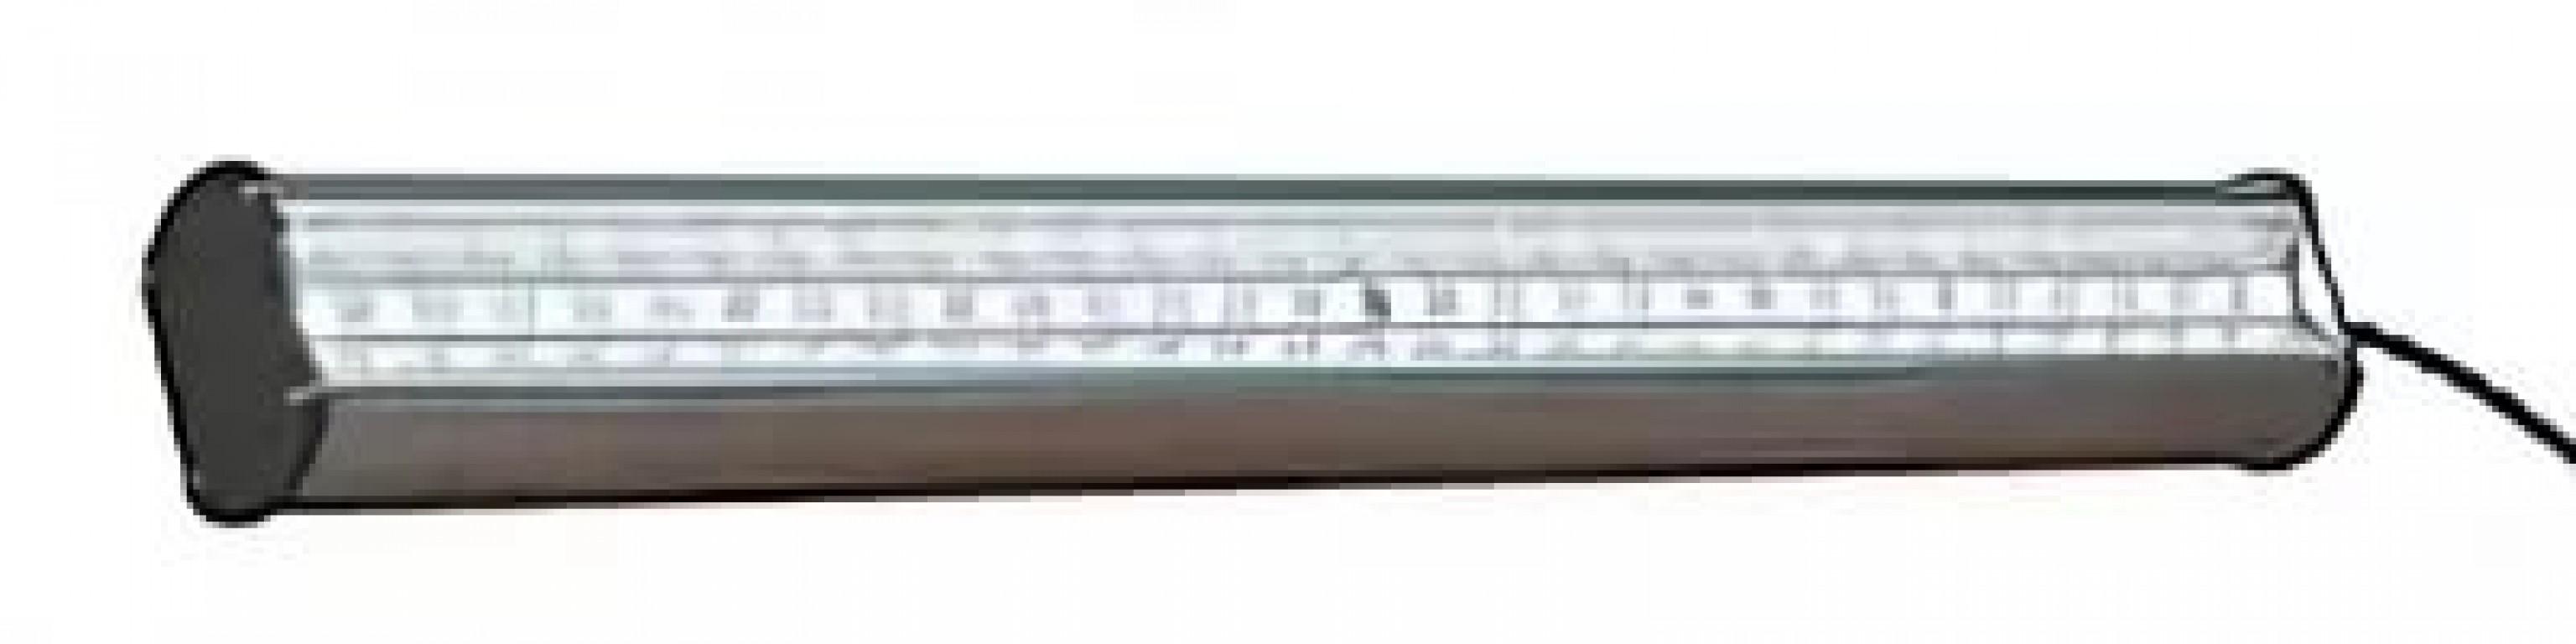 Светильник ДСО 01-60-50-Д (универсальный)